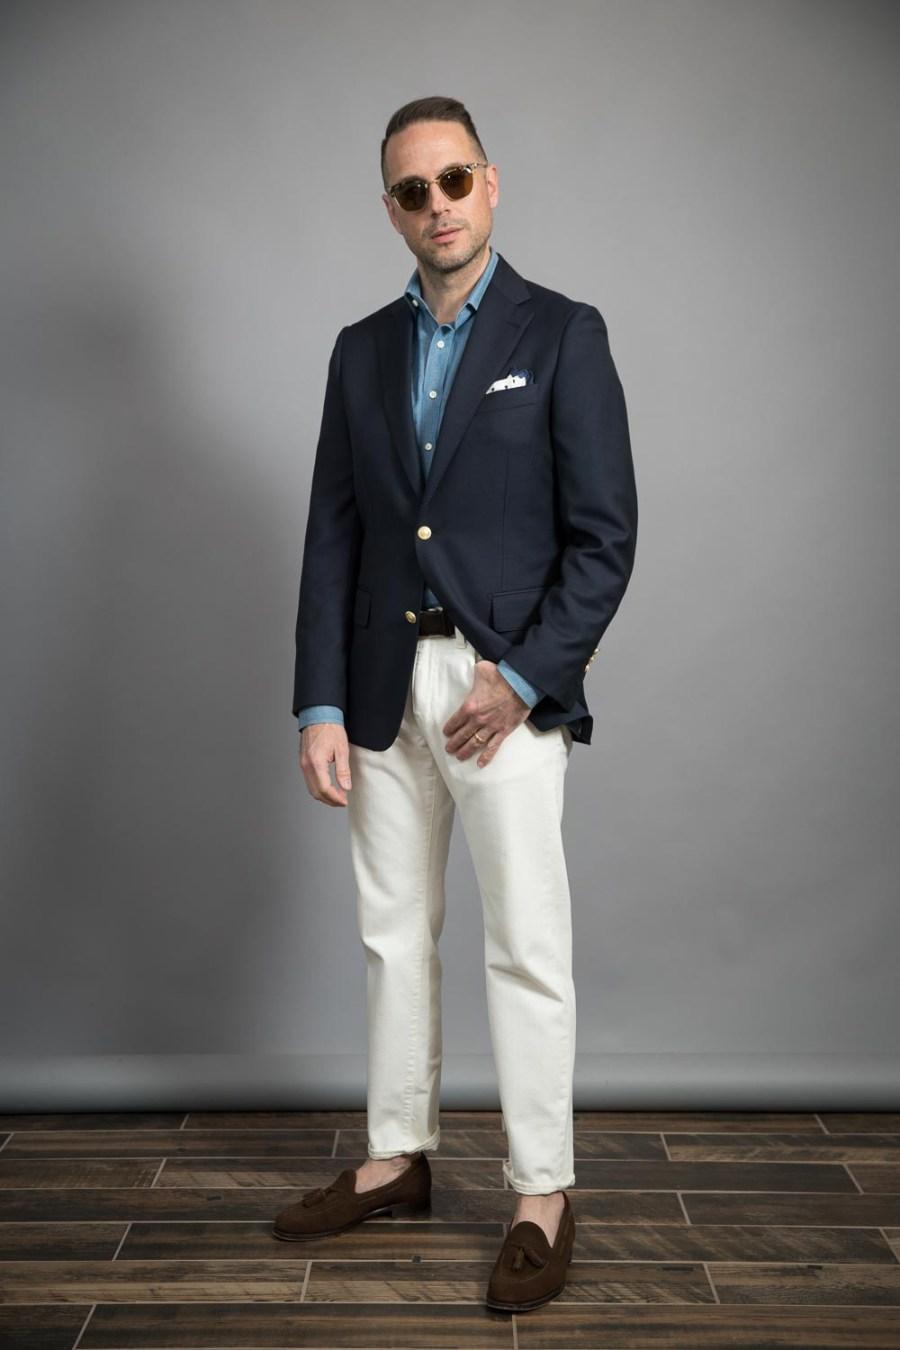 blazer-marinho-clássico-e-jeans-branco-ideias-roupas-para-homens-primavera-2021